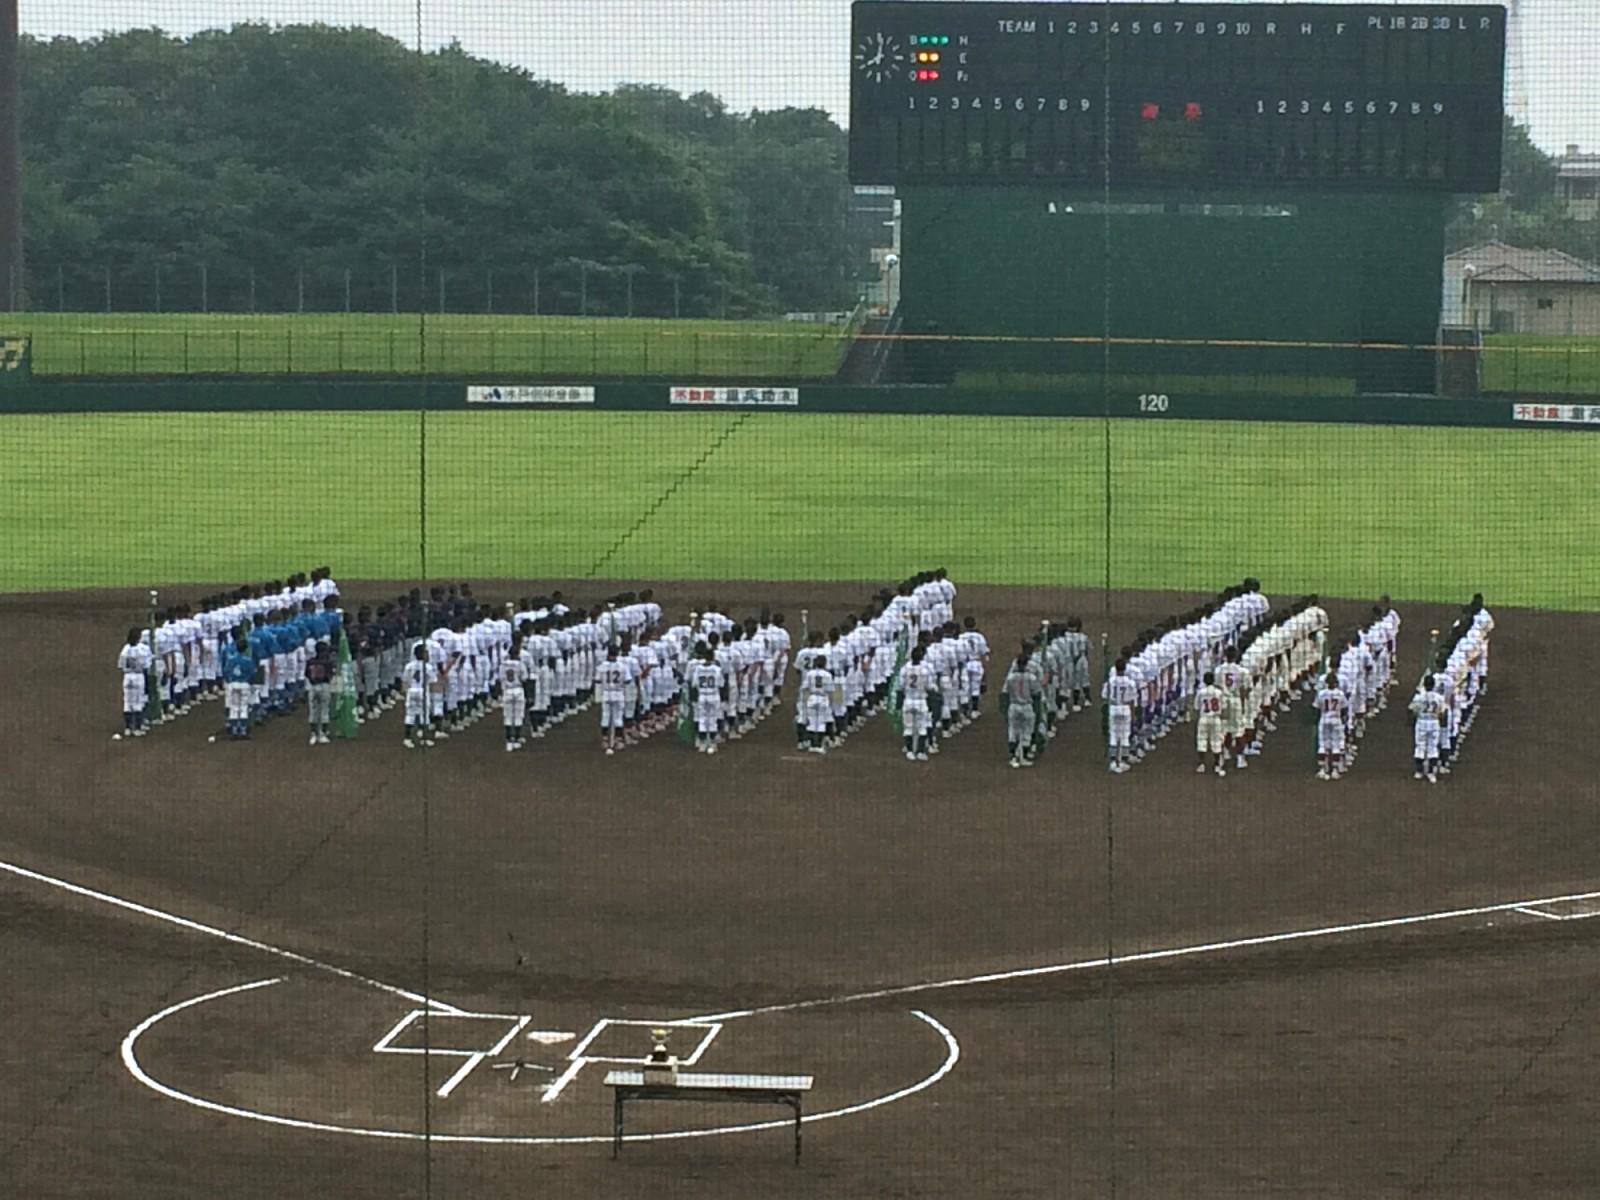 2014.06.21 第8回ノーブルホームカップリトルシニアフレッシュマン大会 開会式